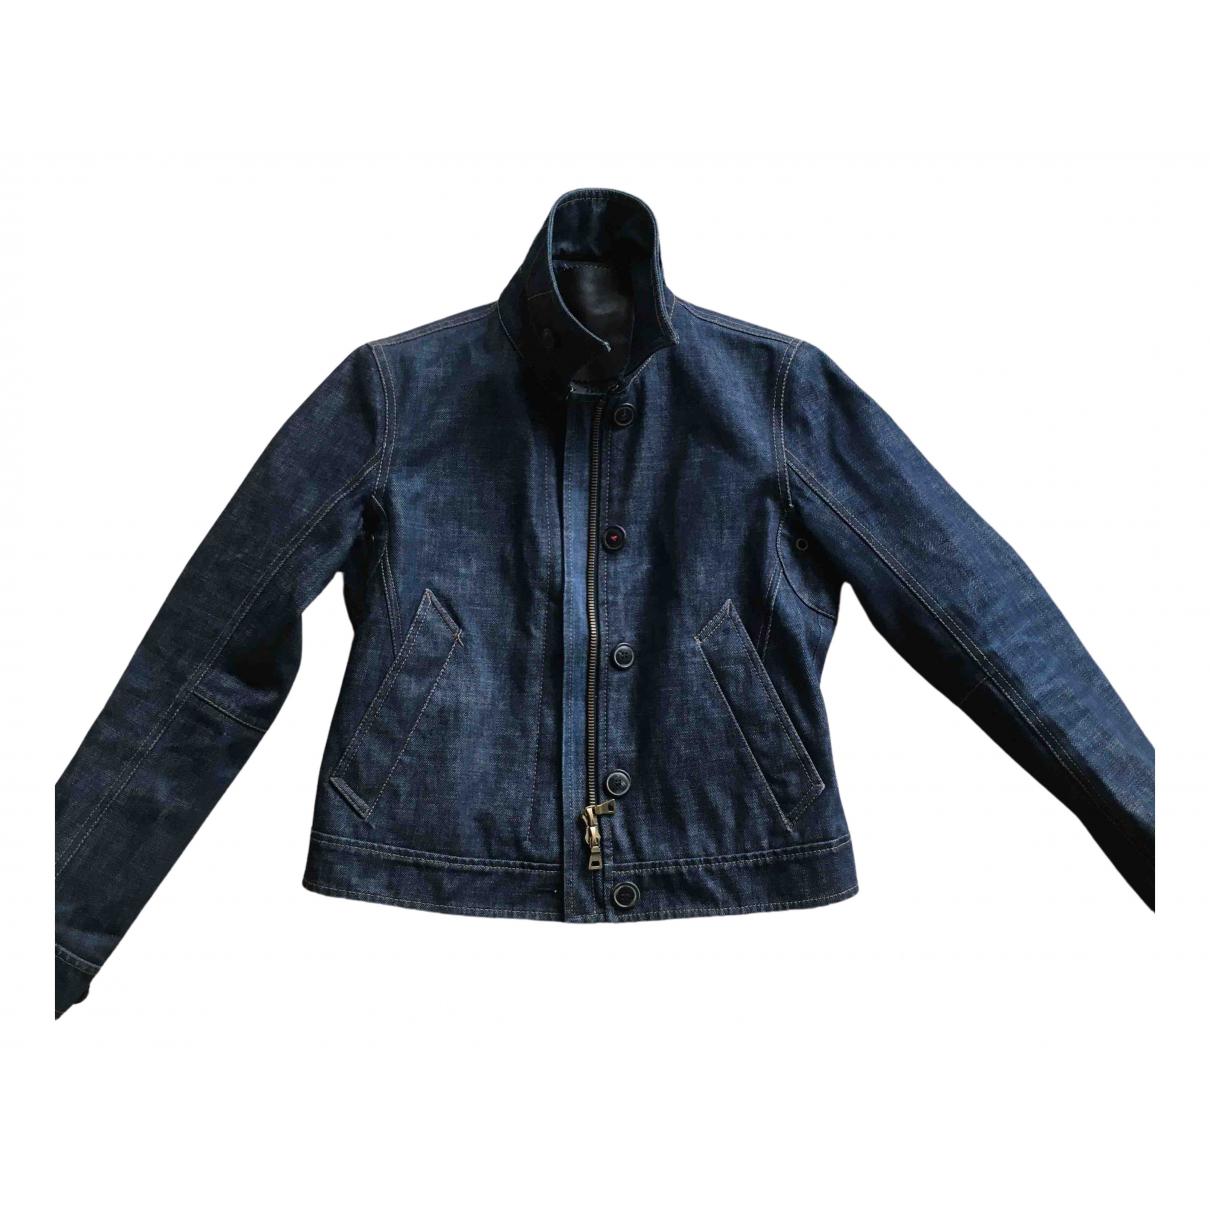 Prada N Blue Denim - Jeans jacket for Women 40 IT